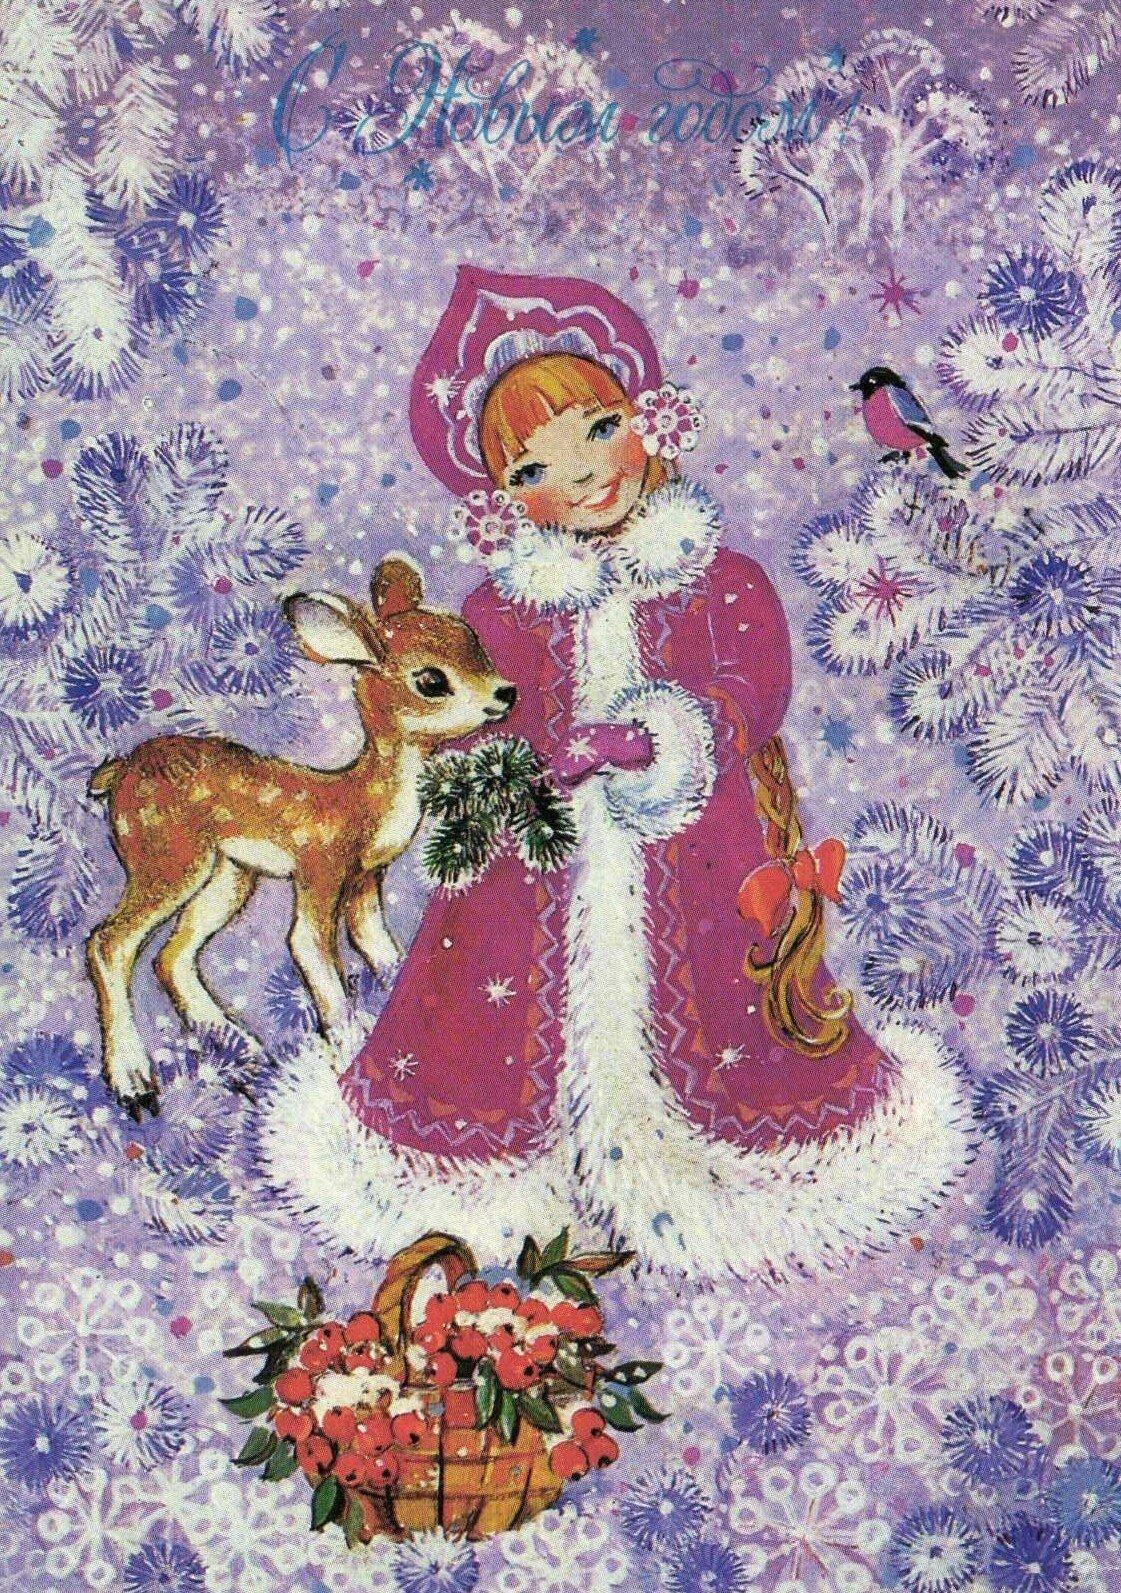 Картинка днем, открытки новый год советские снегурочки